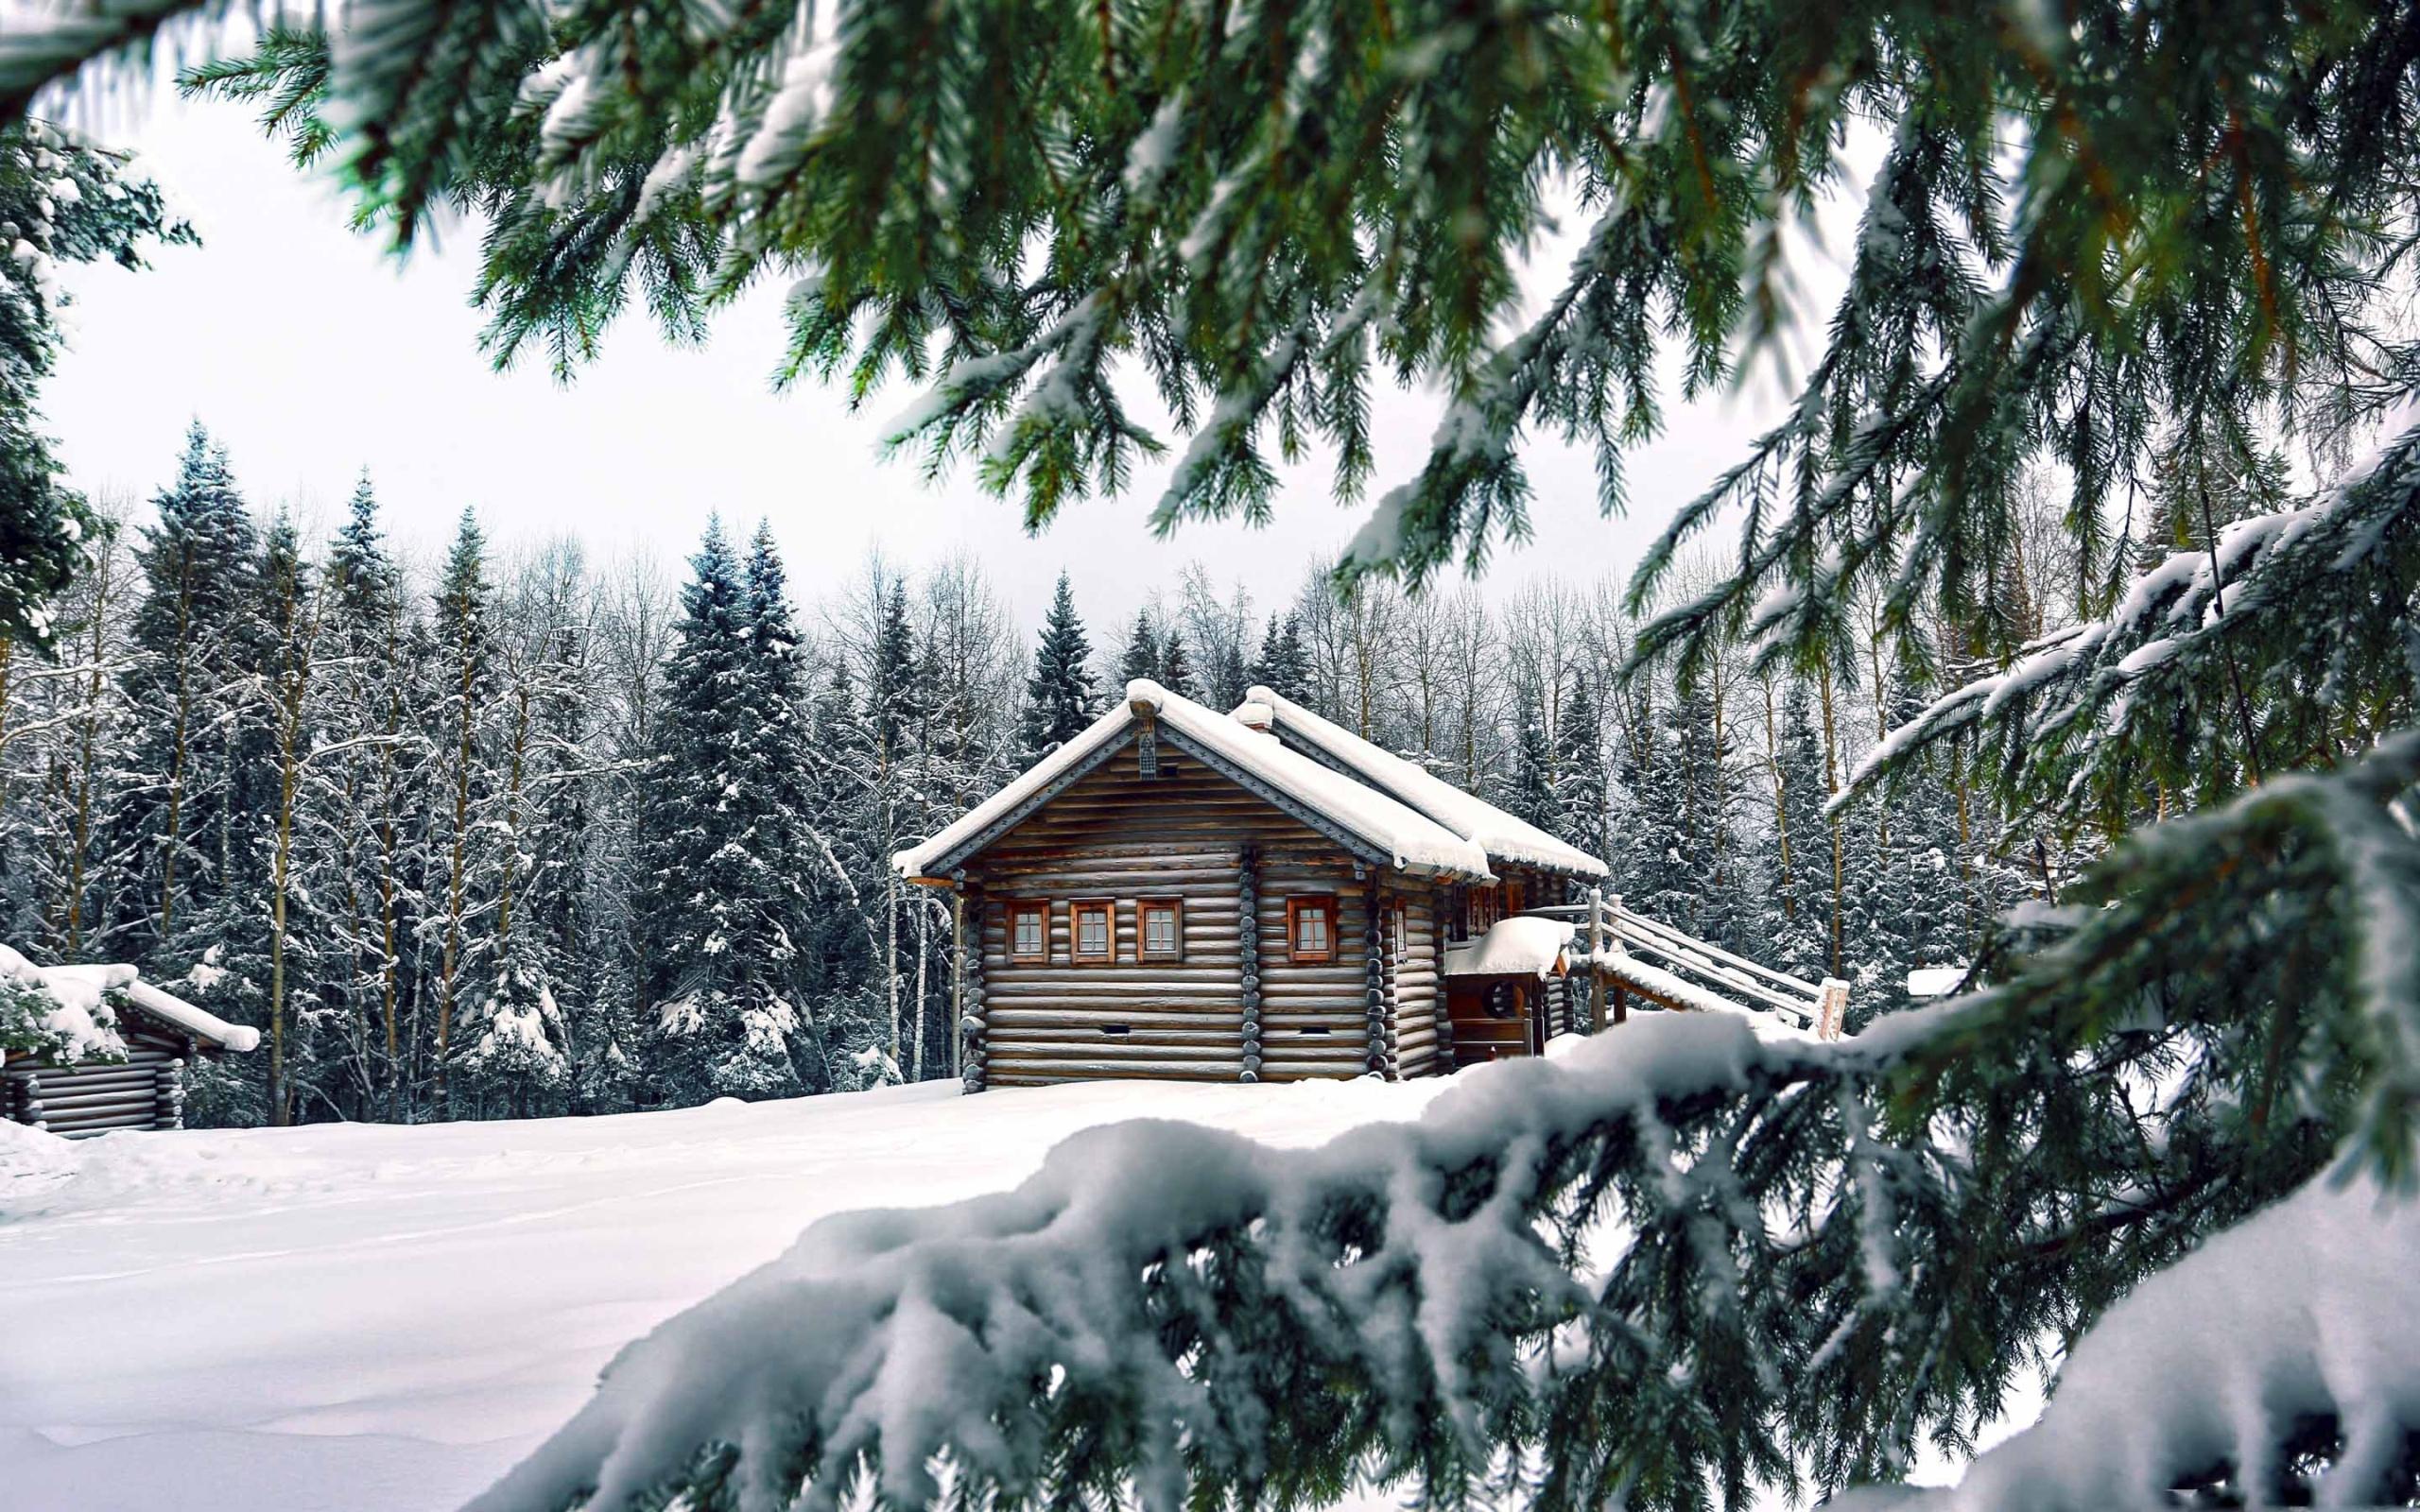 Mountain Retreat Winter Mac Wallpaper Download AllMacWallpaper 2560x1600